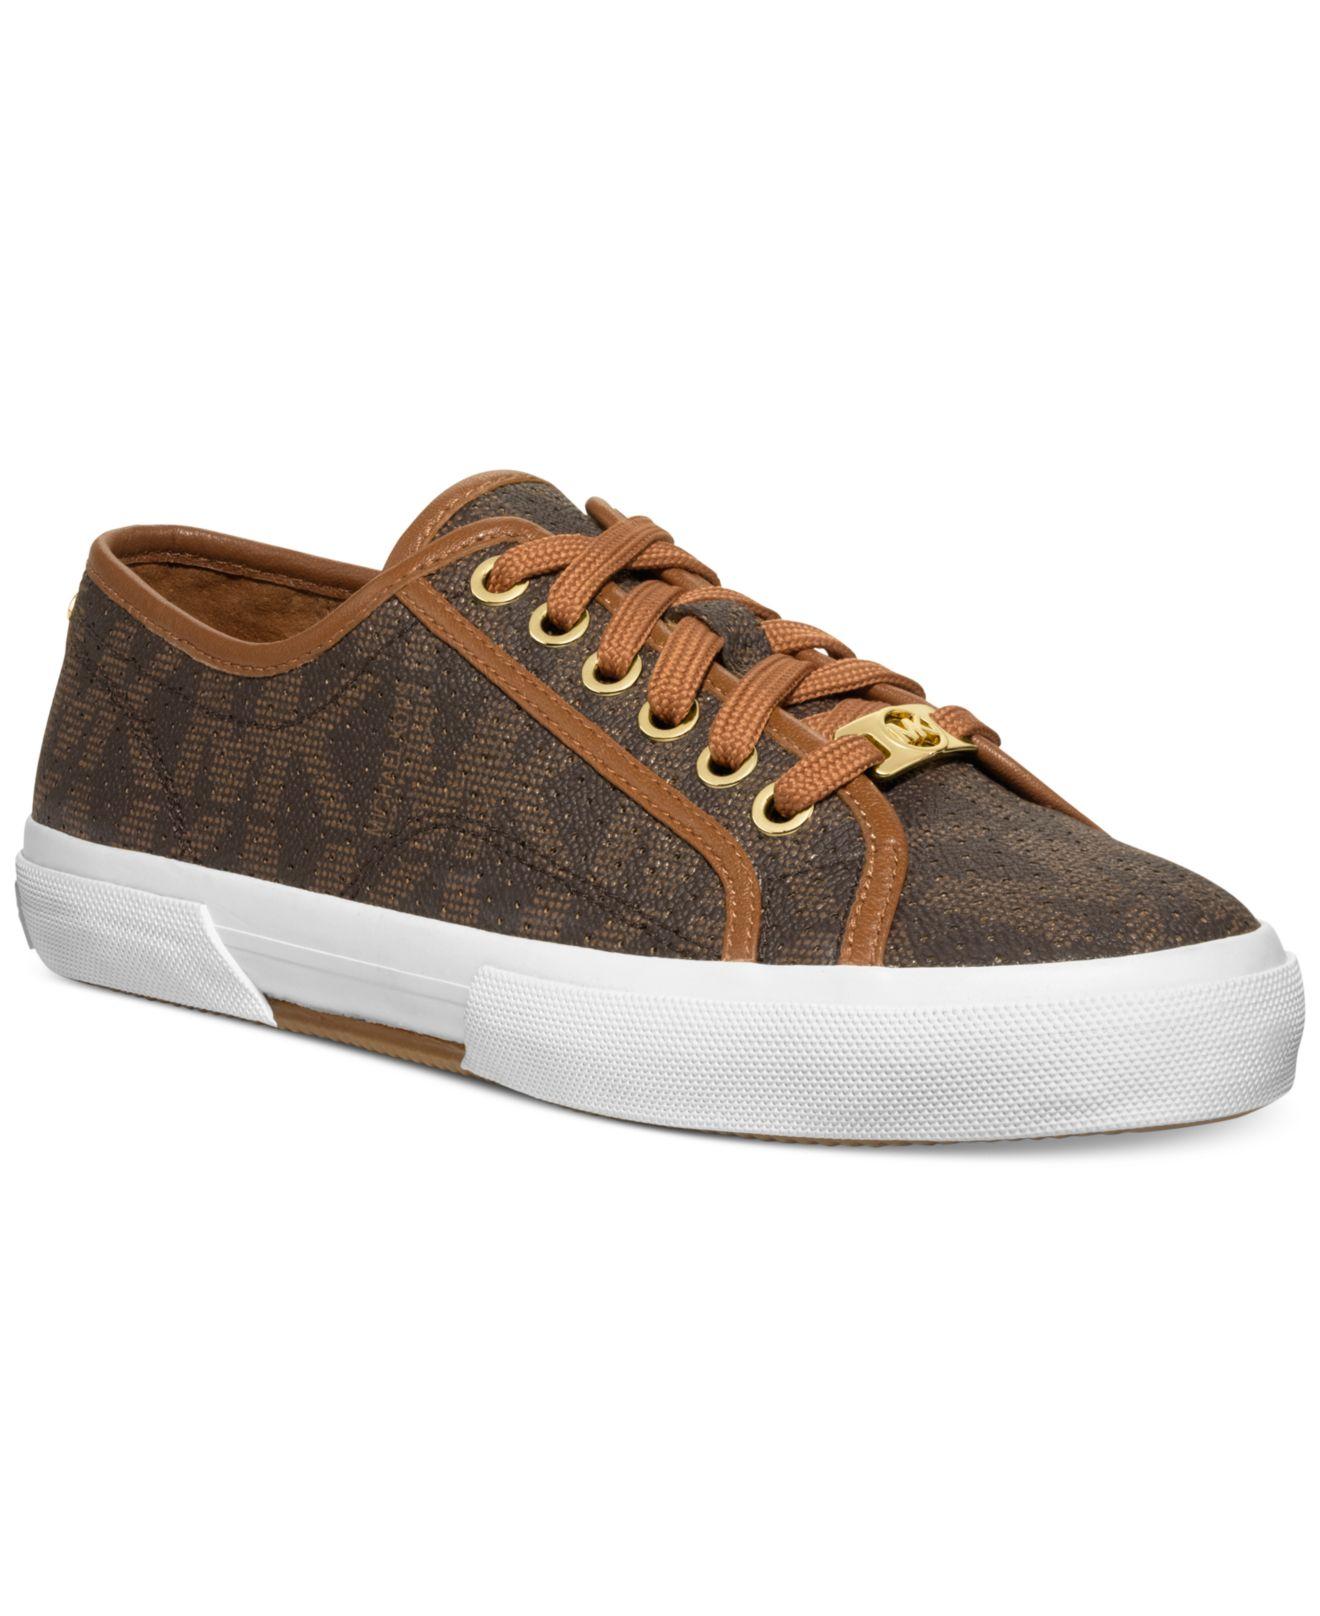 cee2ef9446390 Lyst - Michael Kors Michael Boerum Sneakers in Brown